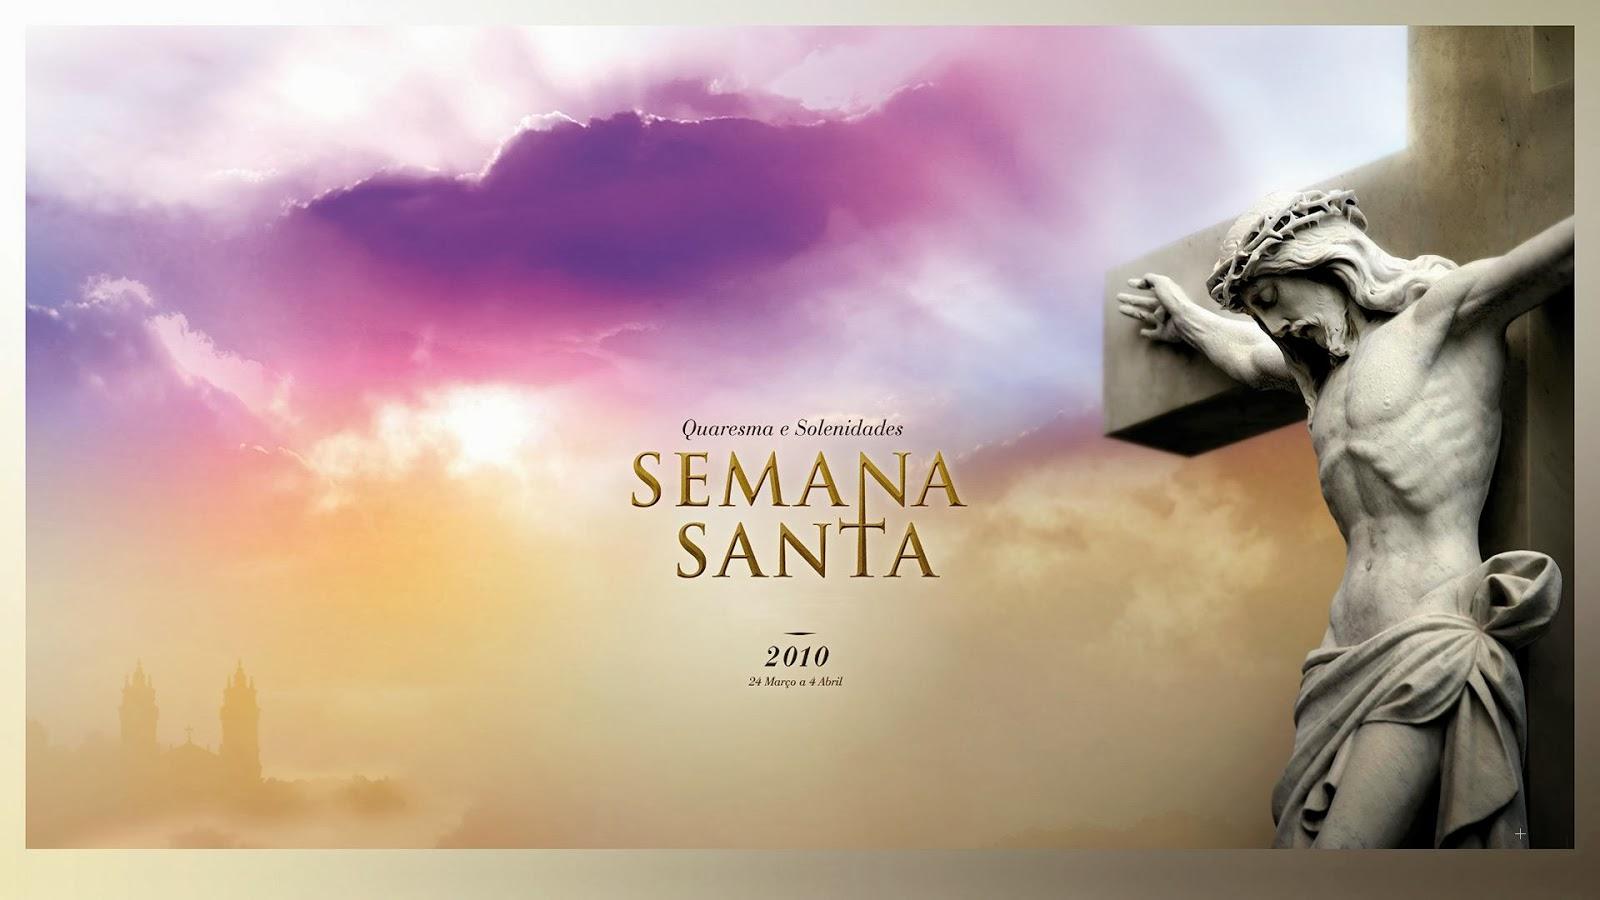 Bajar Fondos De Pantallas E Imagenes Fondo De Pantalla Semana Santa 2010 Jesus Crucificado